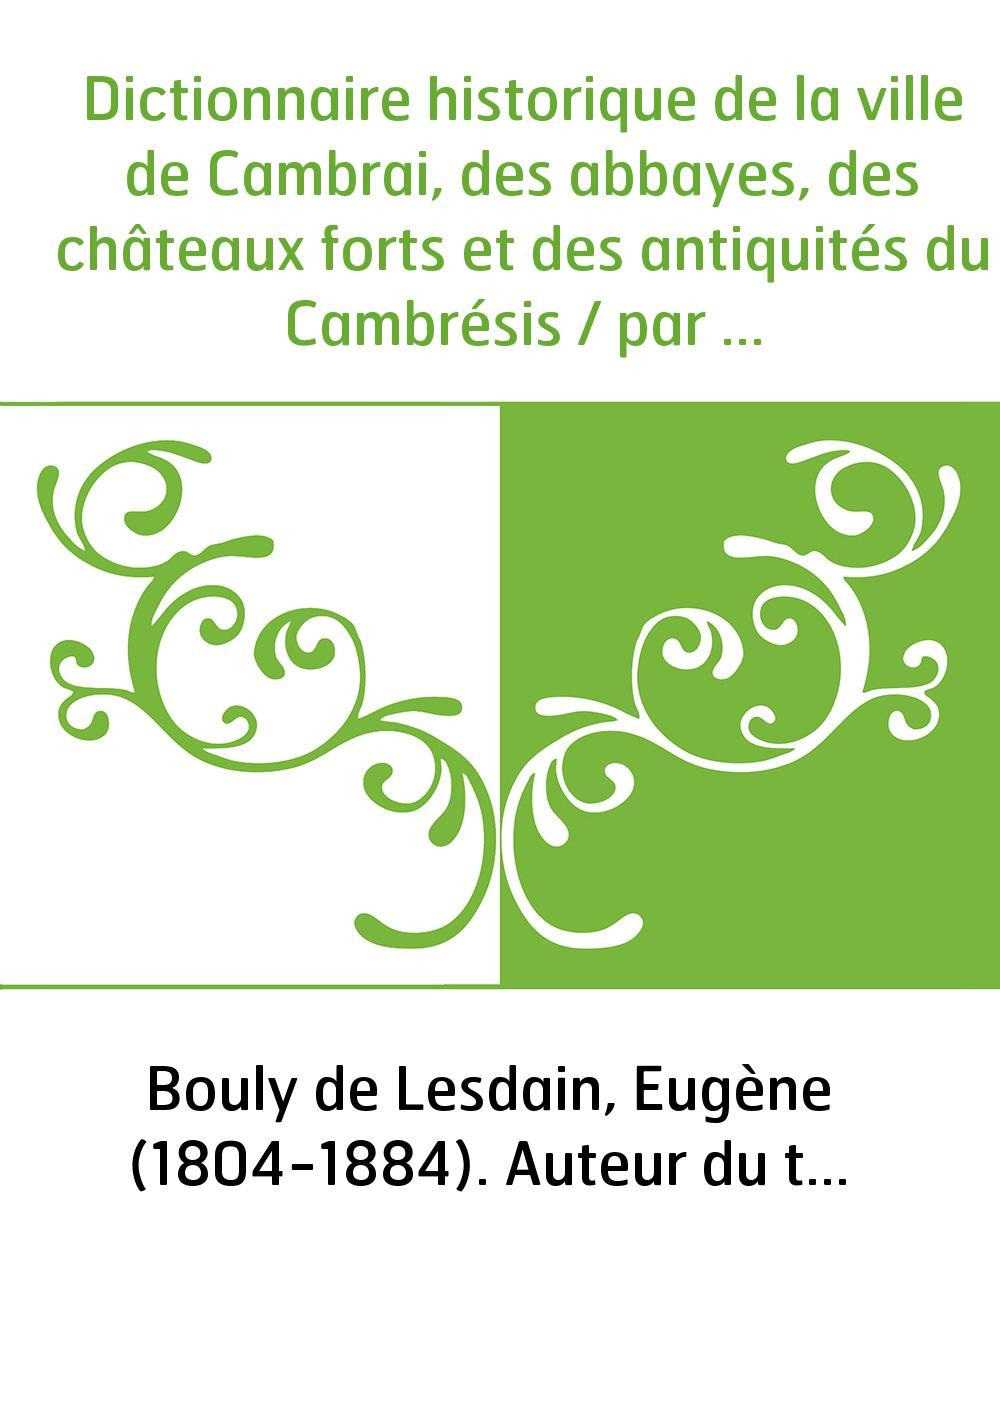 Dictionnaire historique de la ville de Cambrai, des abbayes, des châteaux forts et des antiquités du Cambrésis / par Eugène Boul